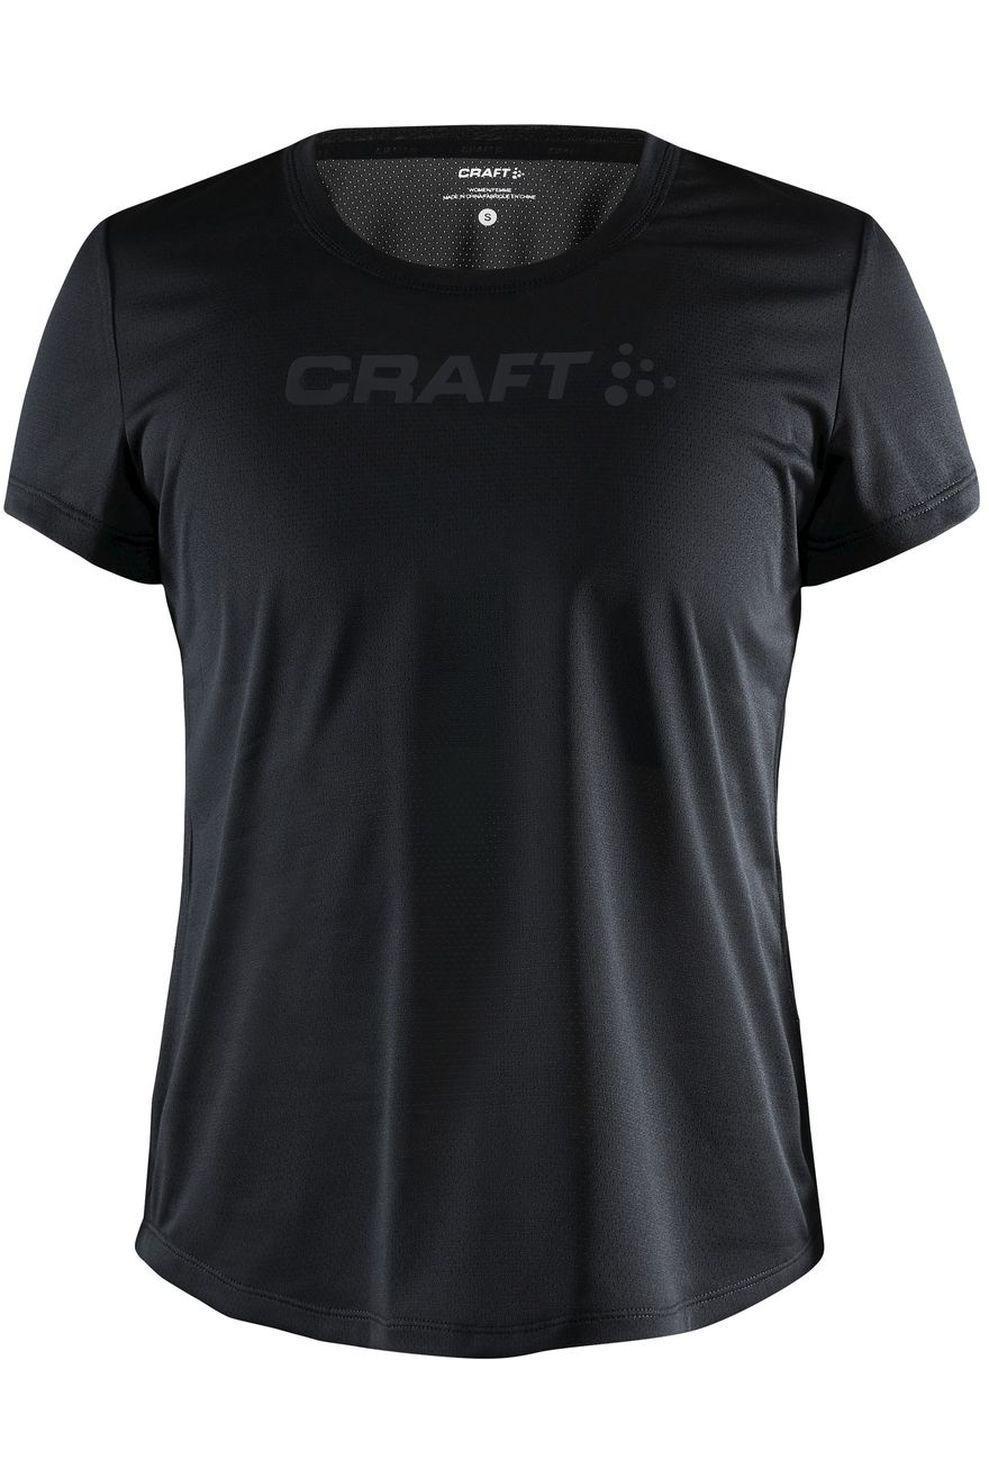 Craft T-Shirt Core Essence voor dames - Zwart - Maten: S, M, L